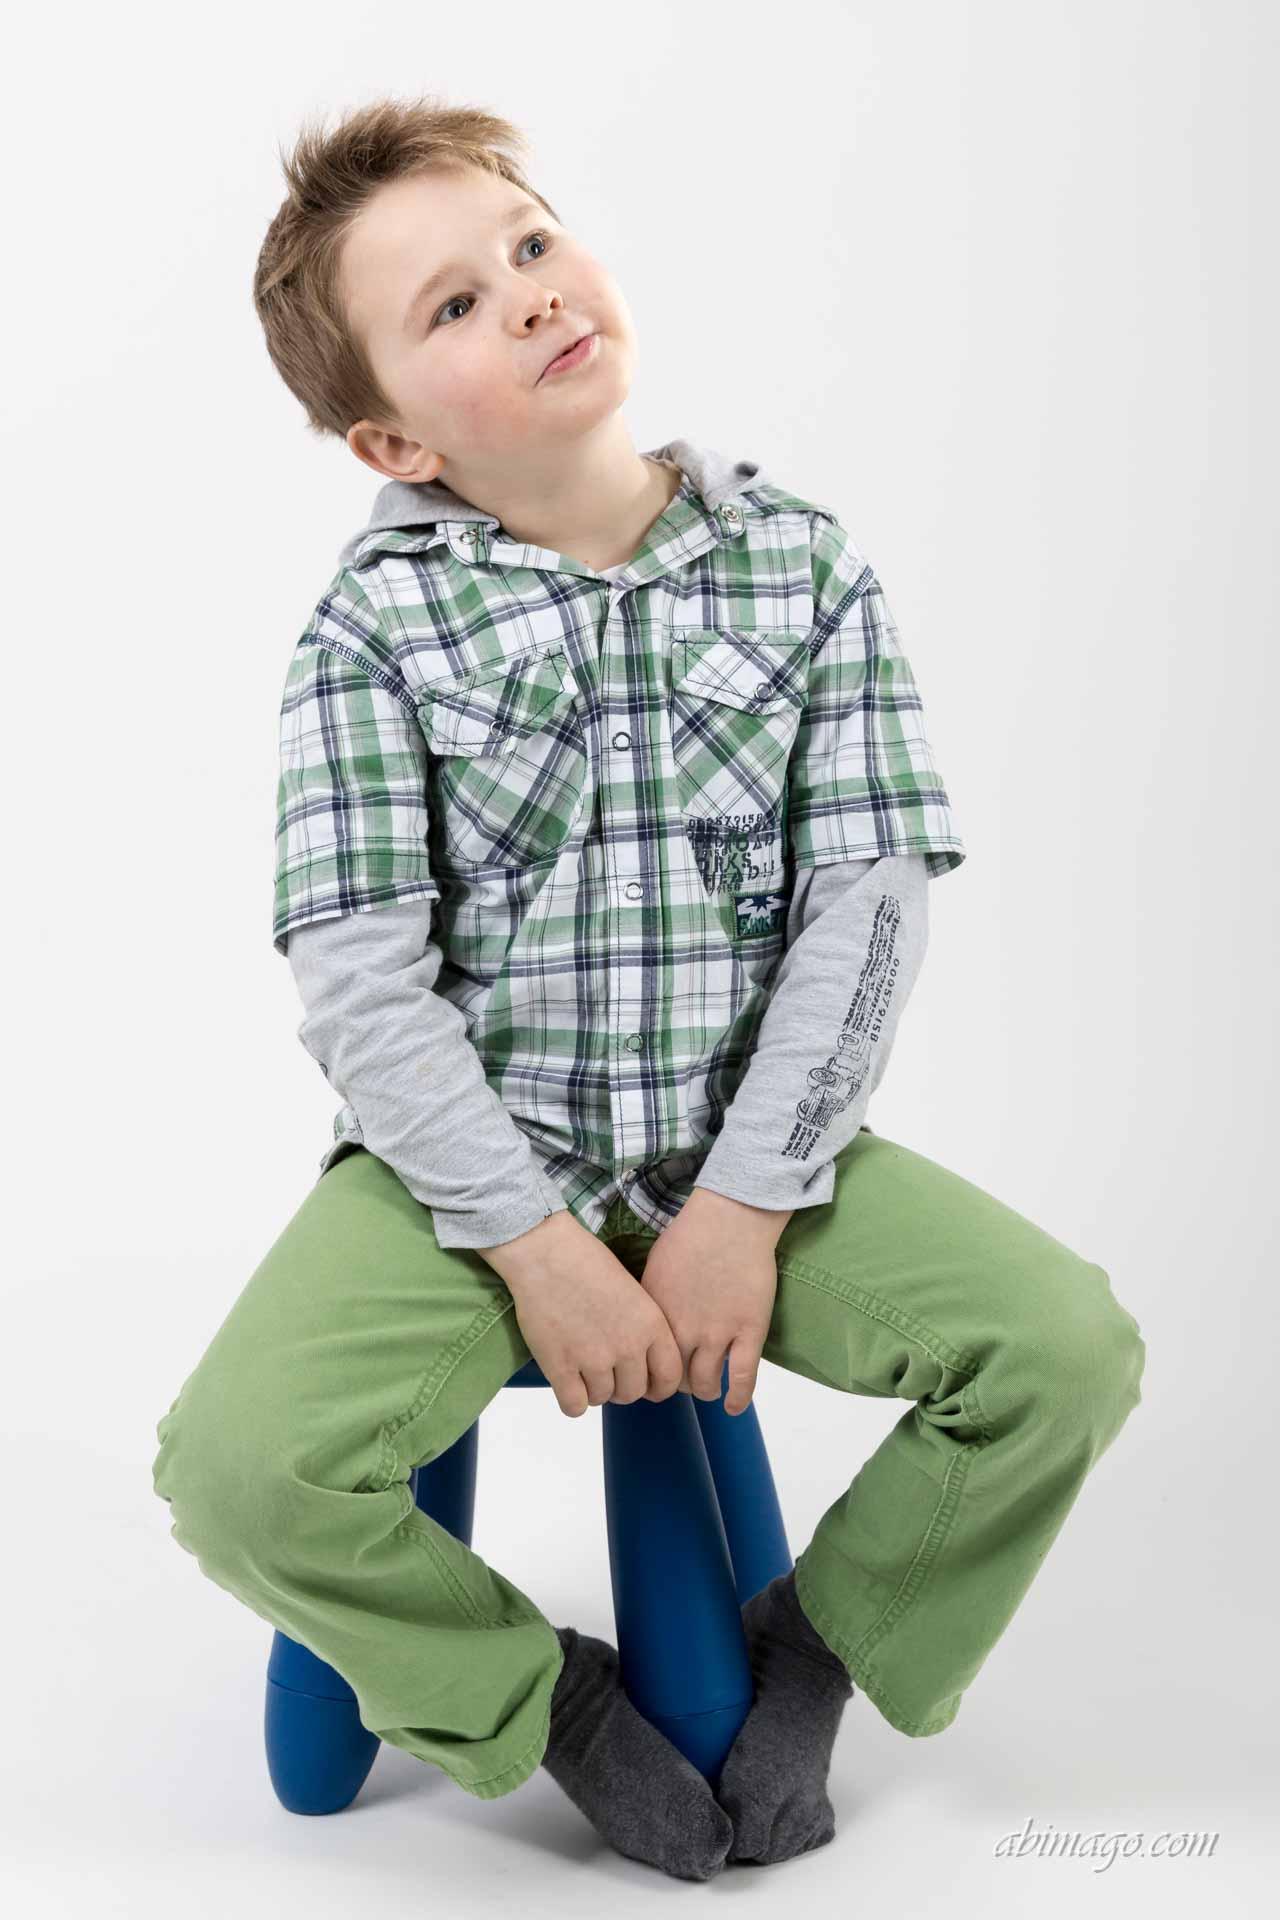 Kindergartenfotograf und Schulfotograf 5